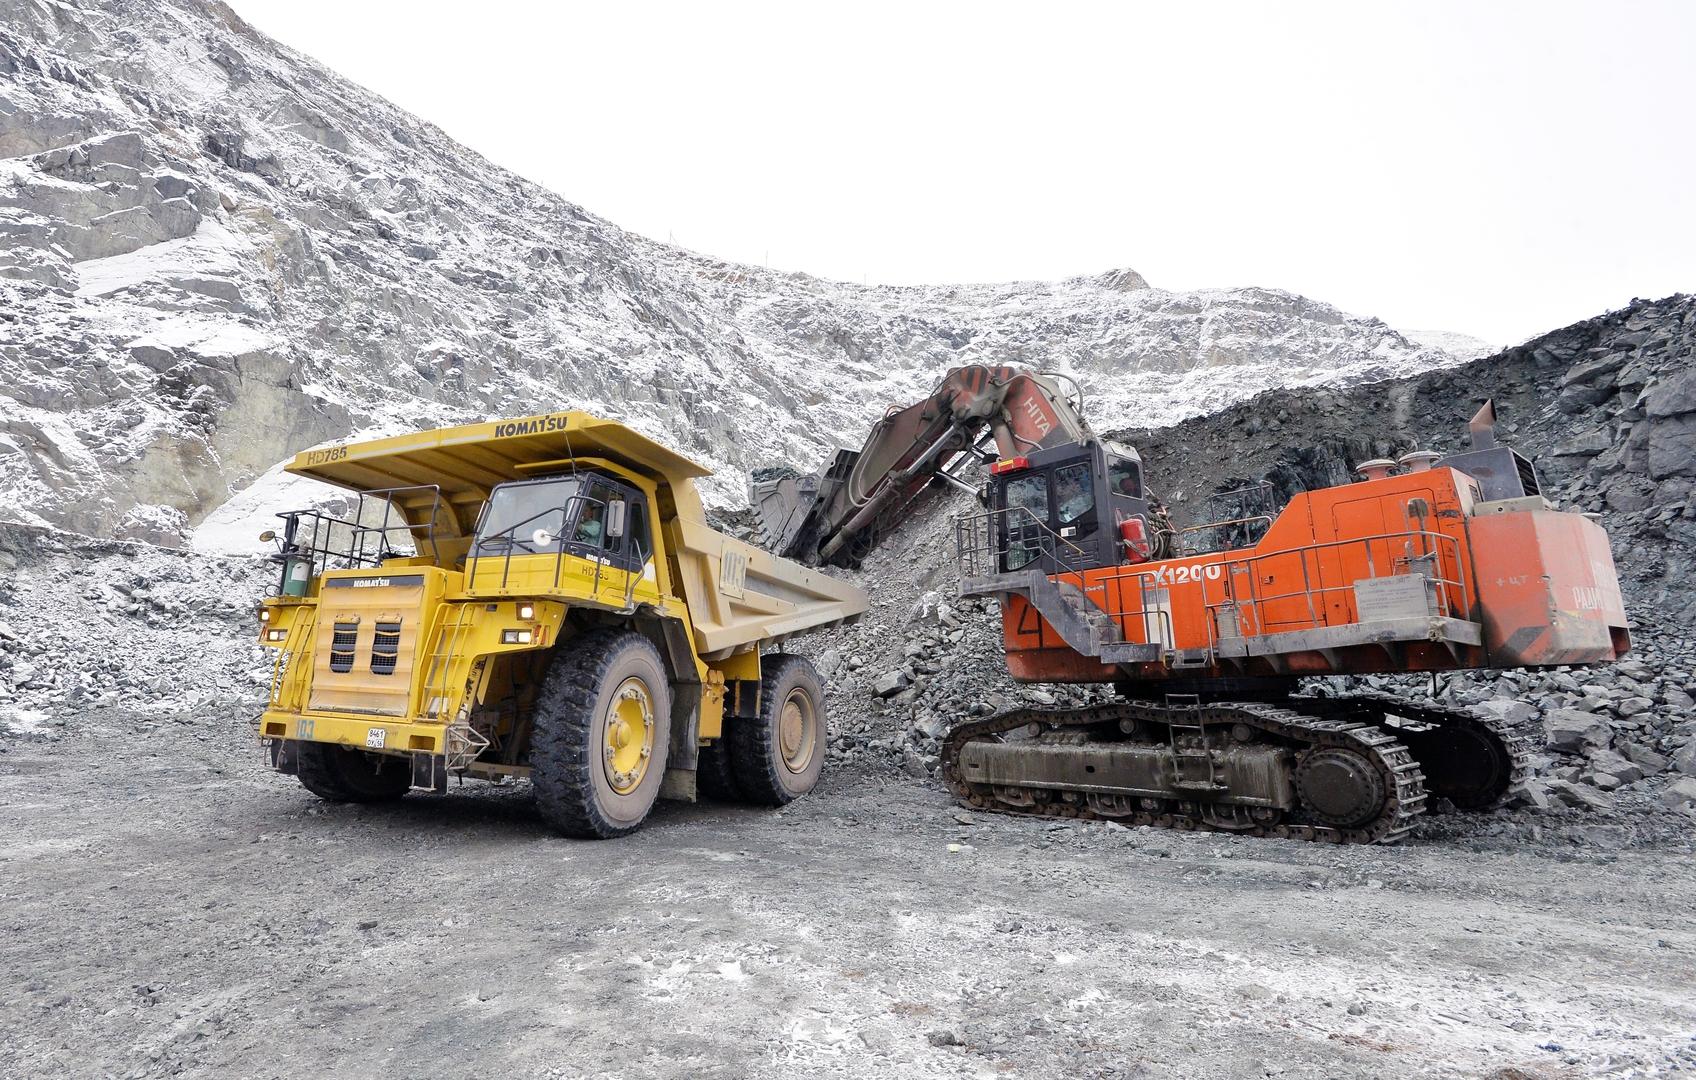 كازاخستان ستبني مجمع تعدين في تشوكوتكا الروسية